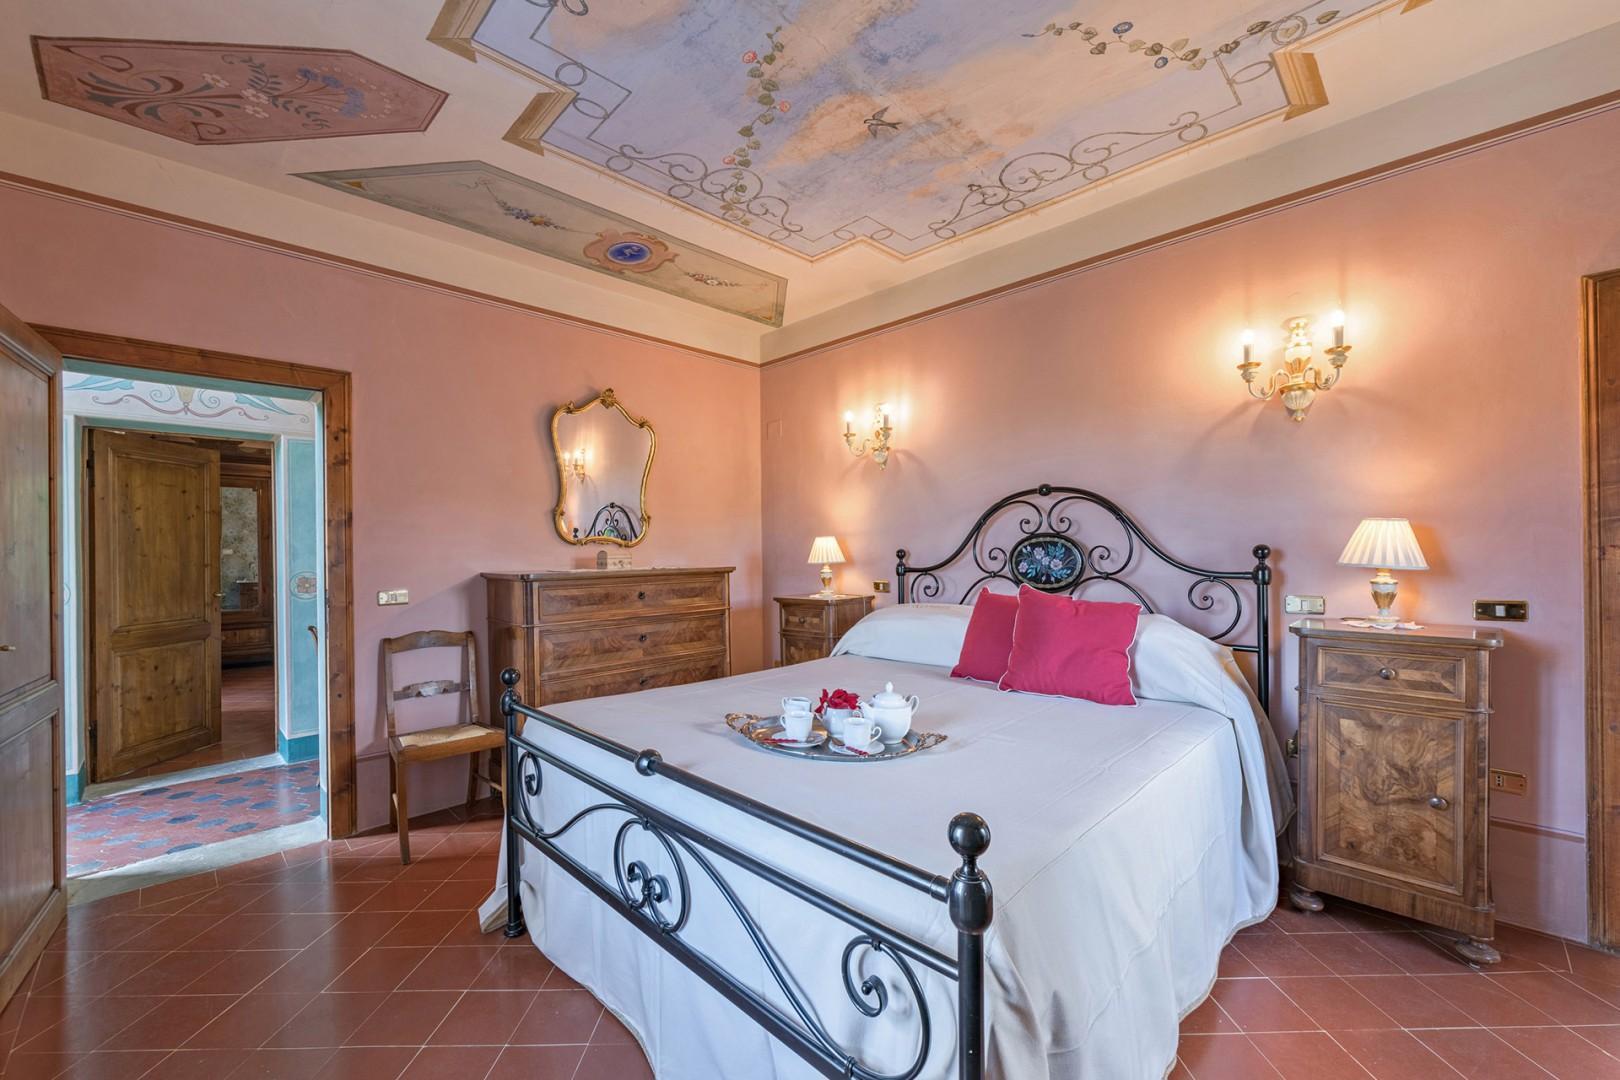 Bedroom 5 with en suite bathroom.